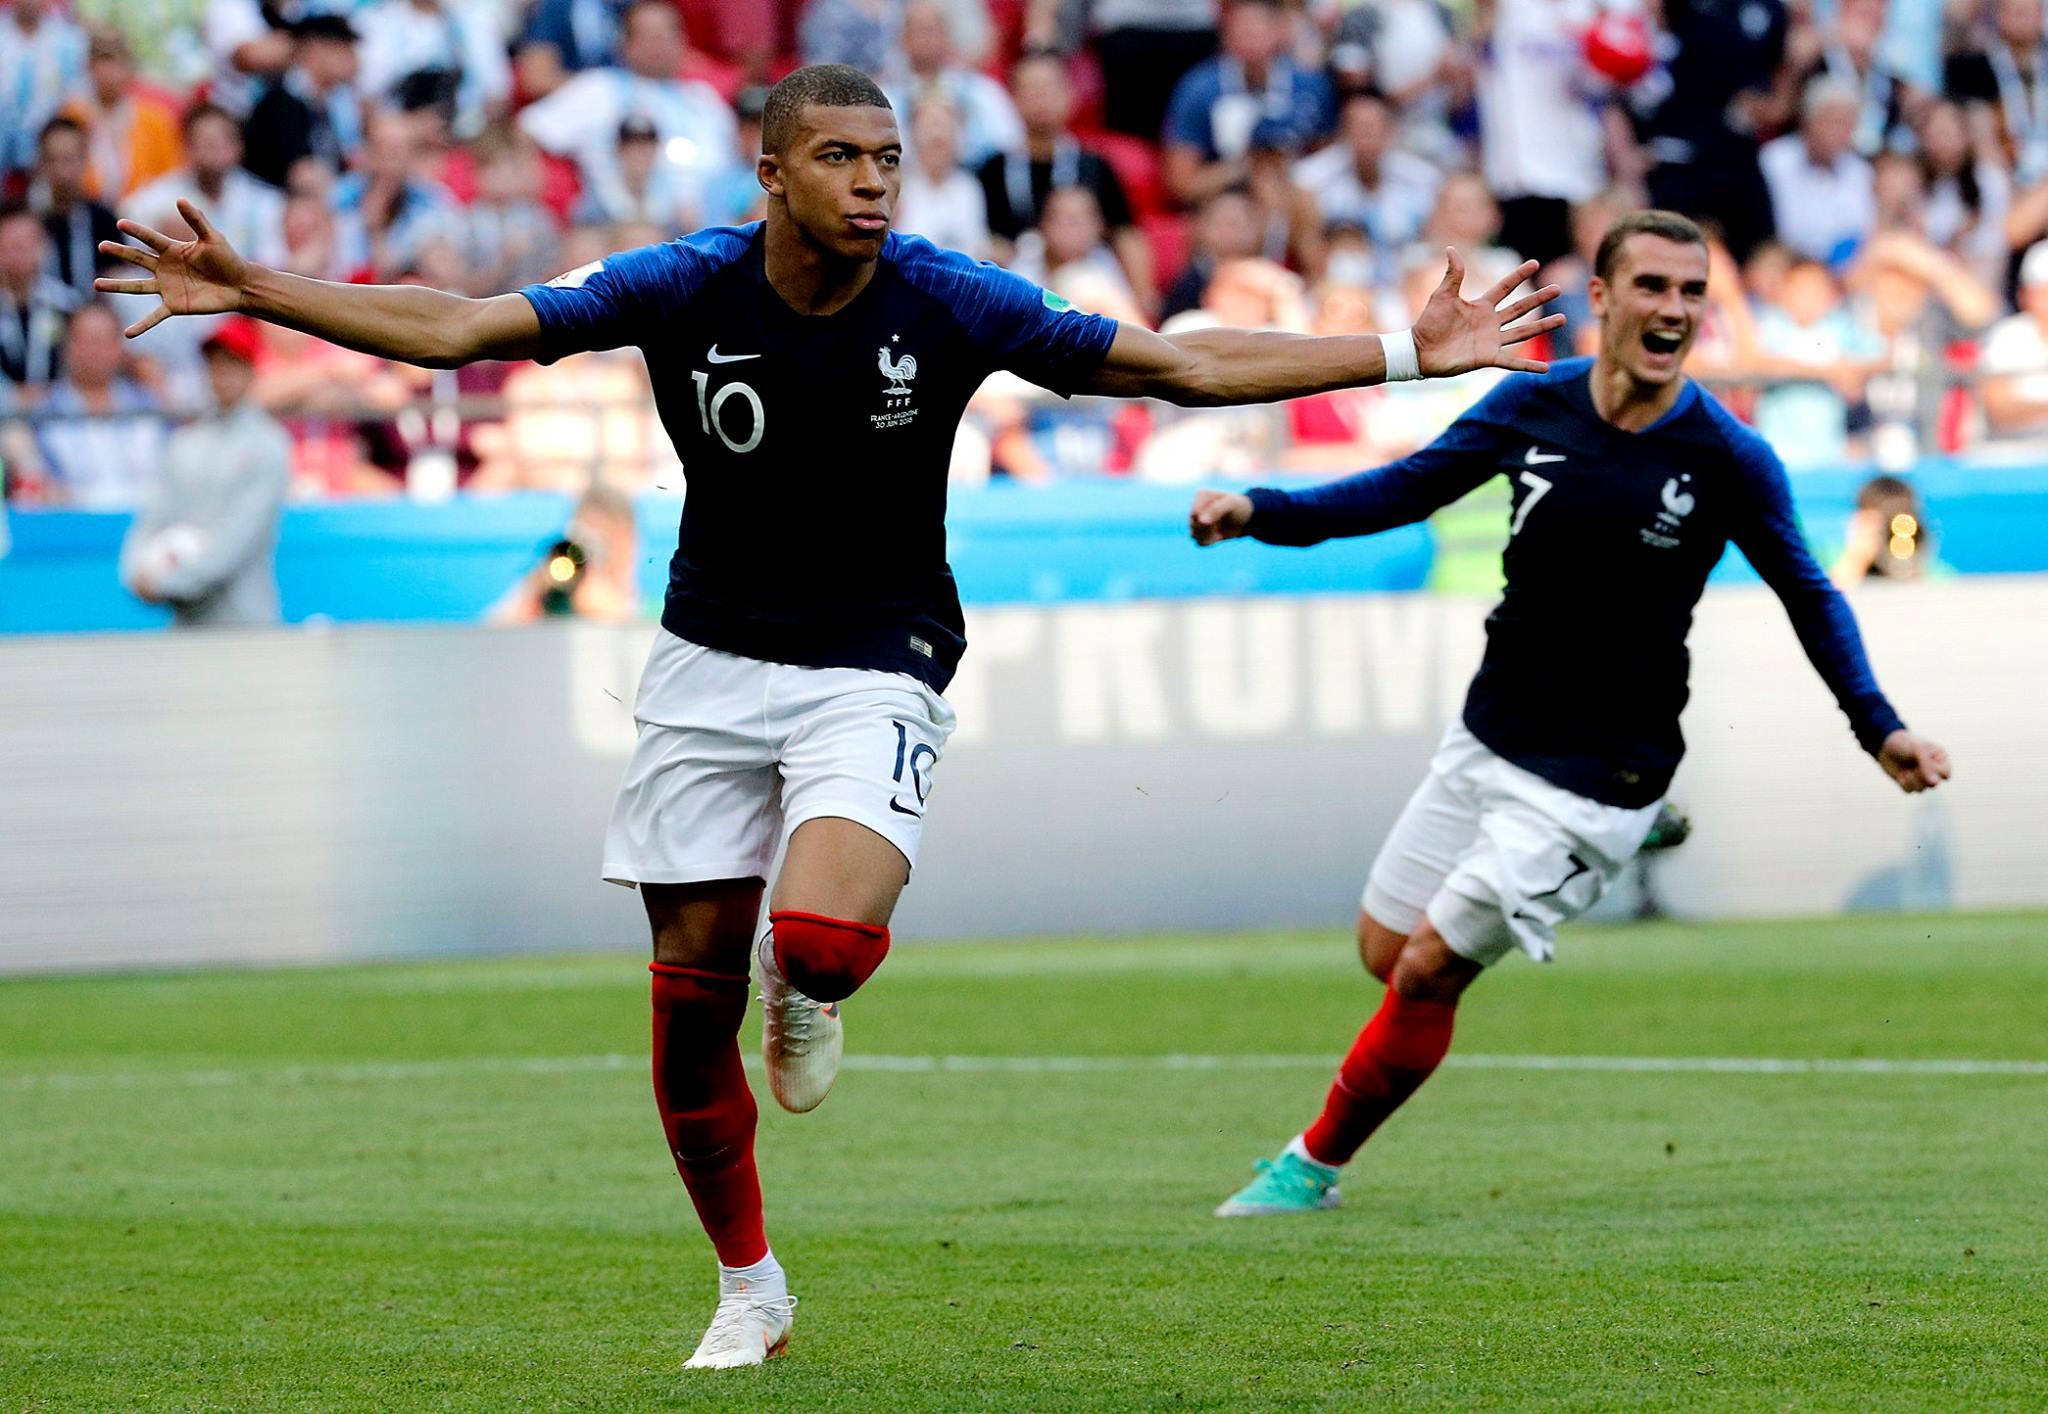 Rusia 2018: Francia y Uruguay a cuartos de final, Argentina y Portugal eliminados